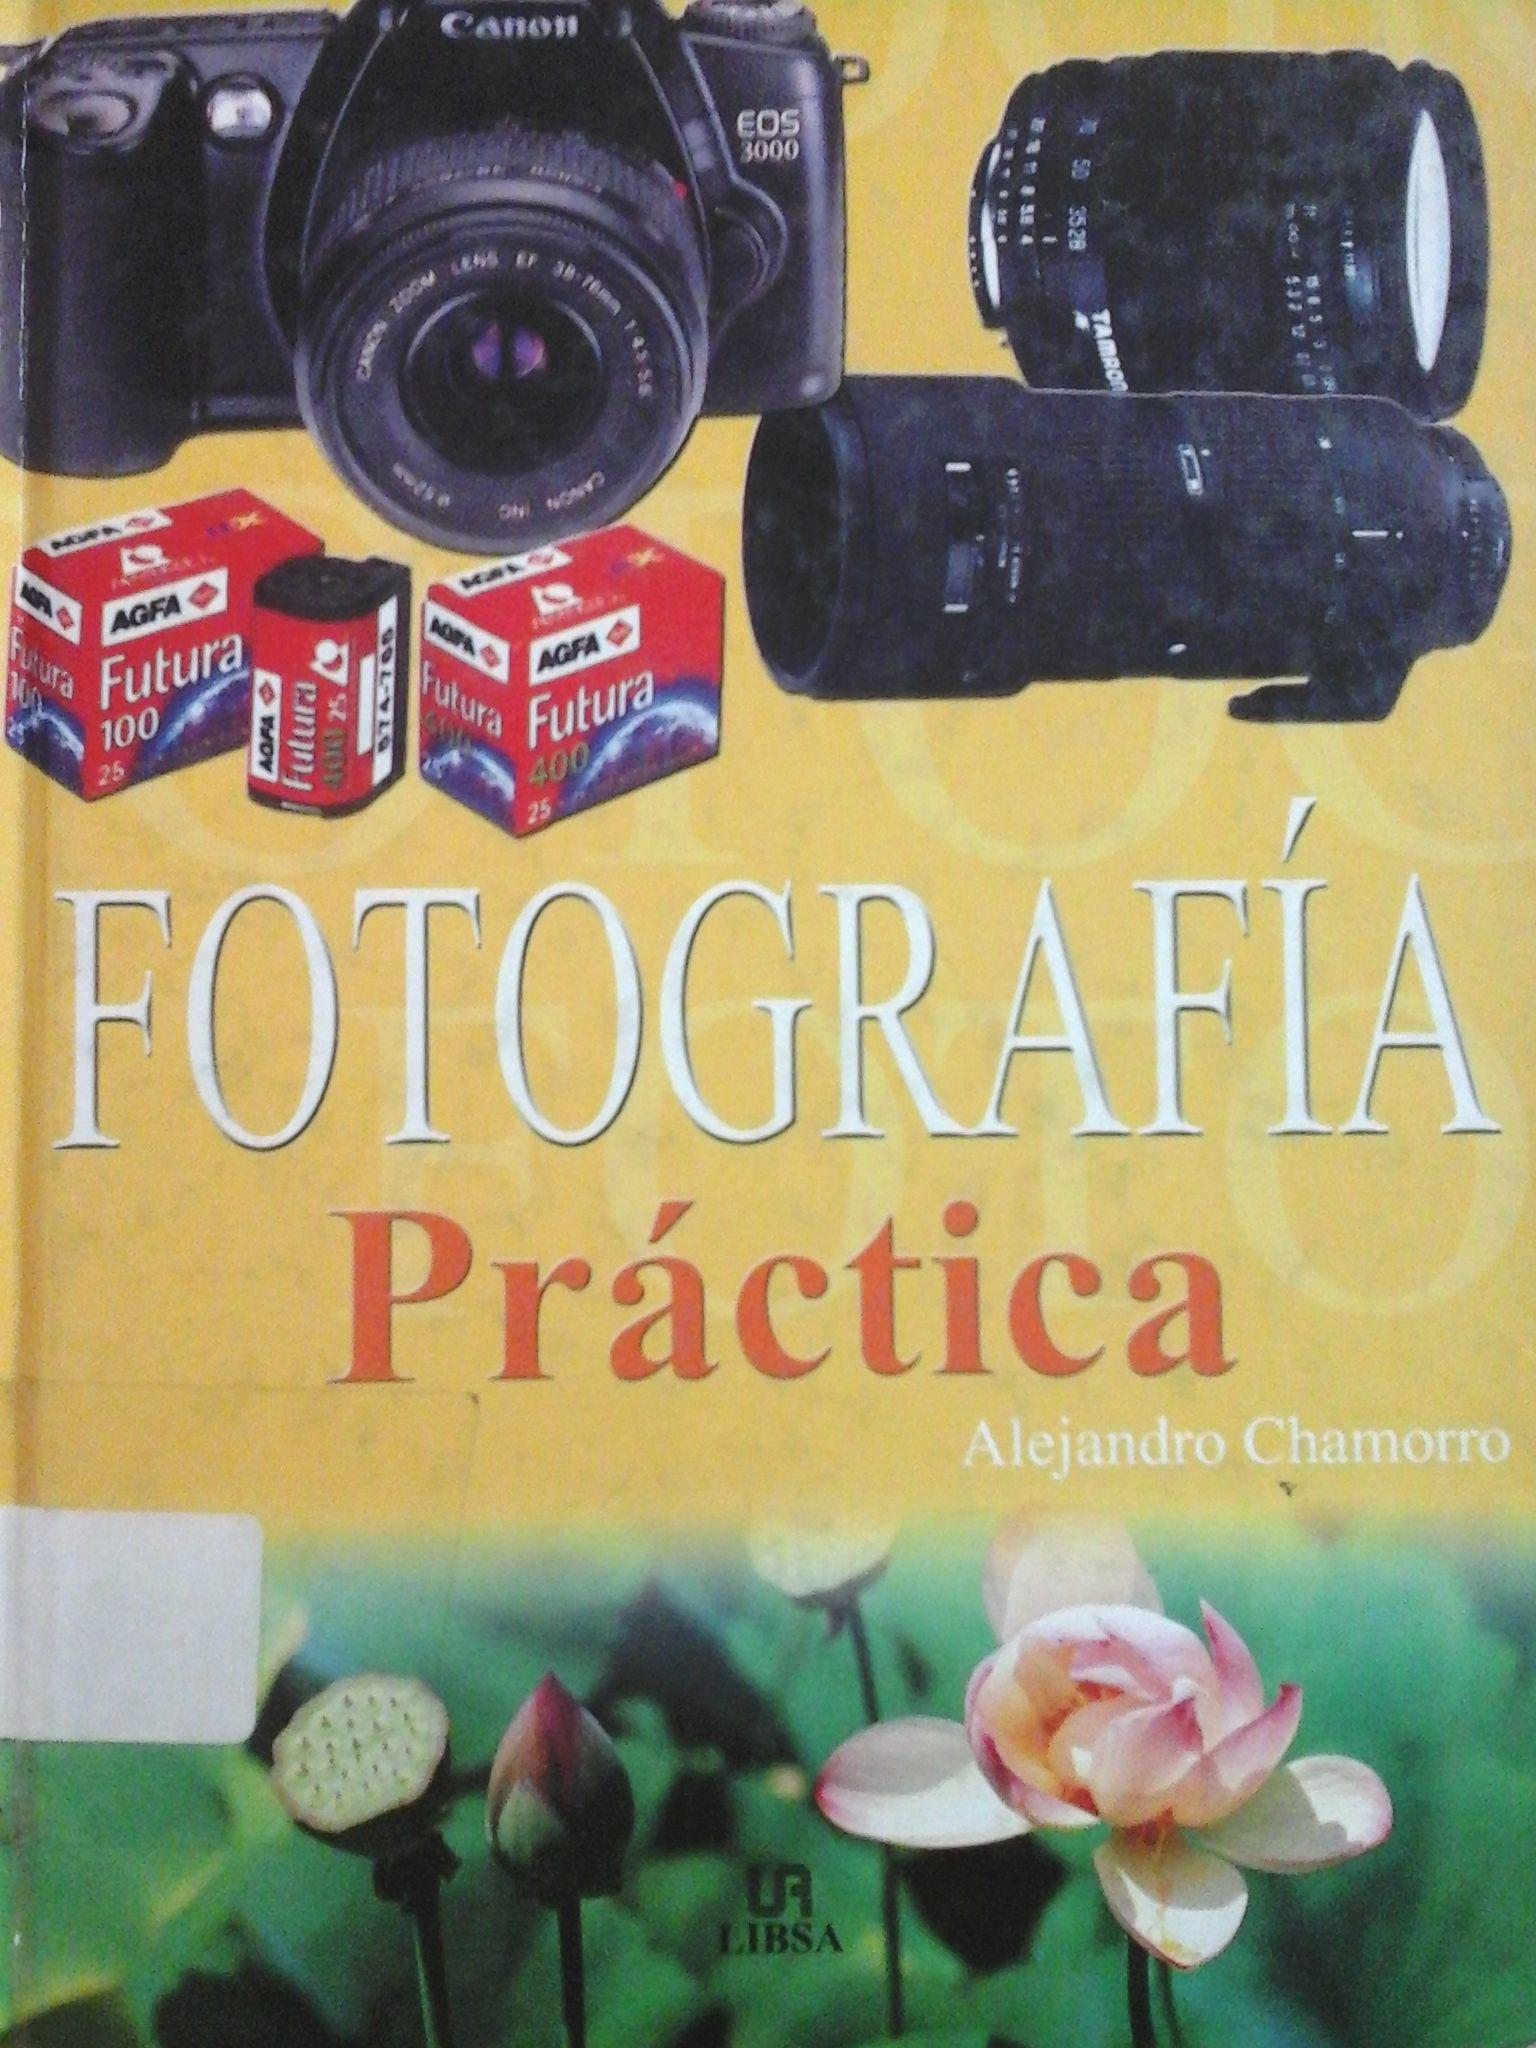 Chamorro Salillas, Alejandro.  Fotografía Práctica. 1ª ed. Madrid: LIBSA , 2004. Disponible en la Biblioteca de Ingeniería y Ciencias Aplicadas. (Primer nivel EBLE)